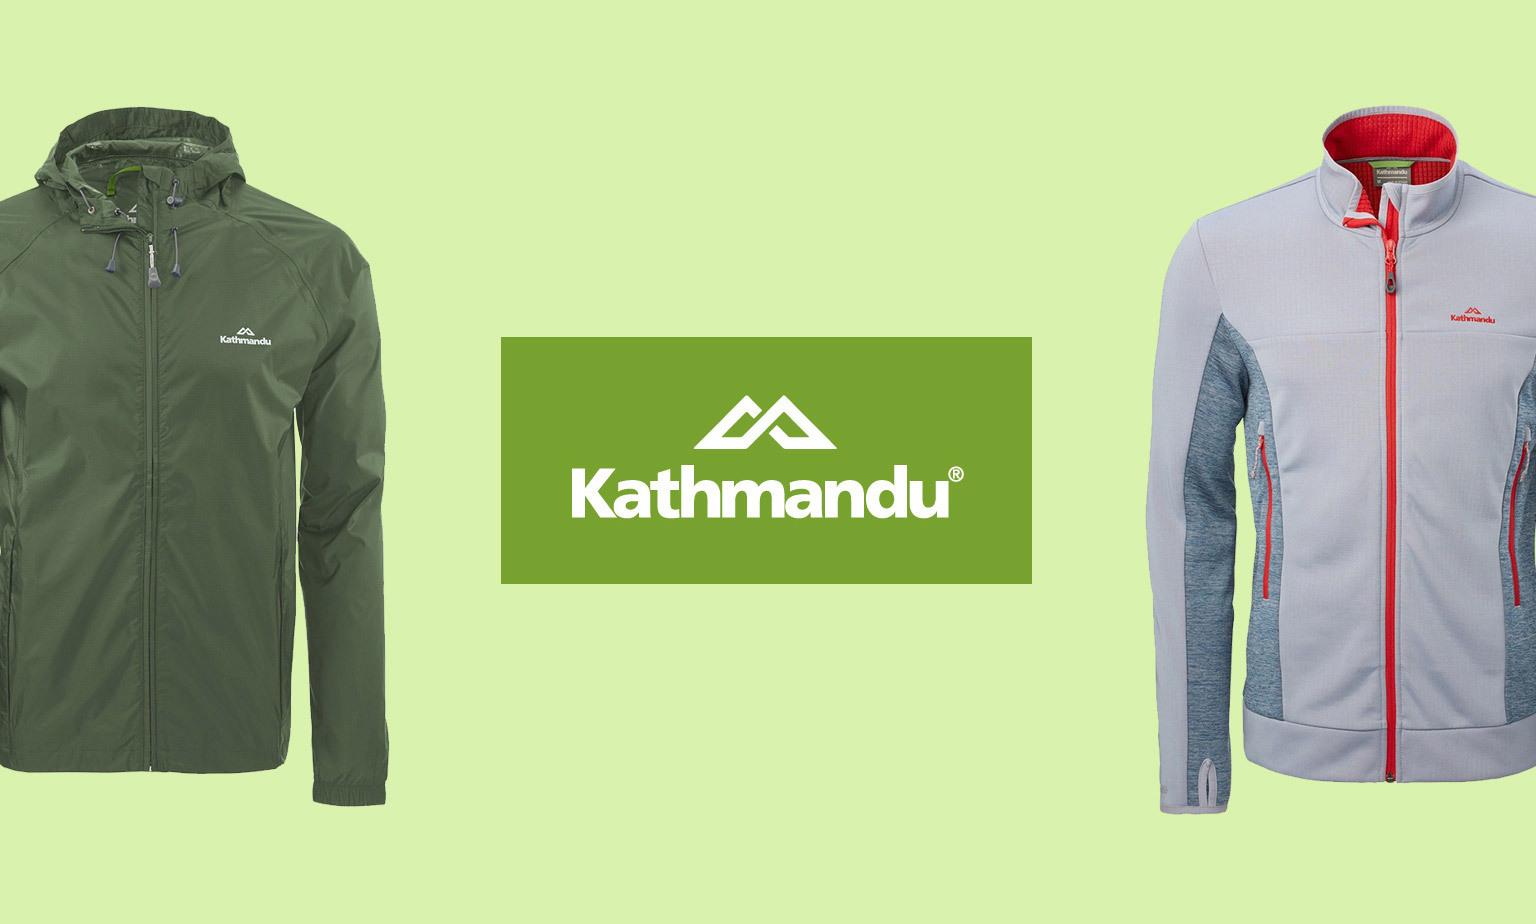 Save Up to 30% on Kathmandu